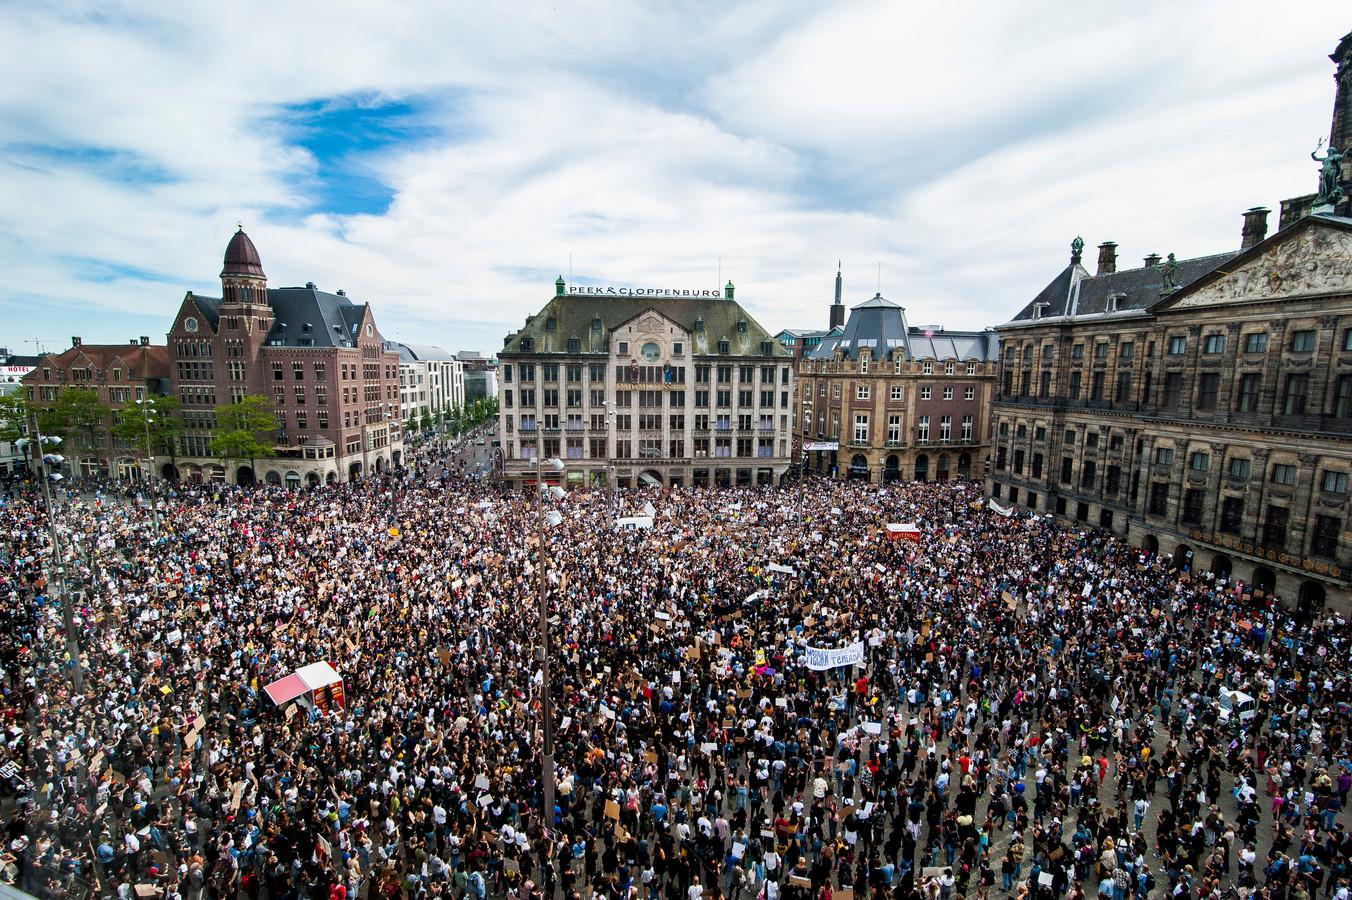 De demonstratie op de Dam in Amsterdam, maandag